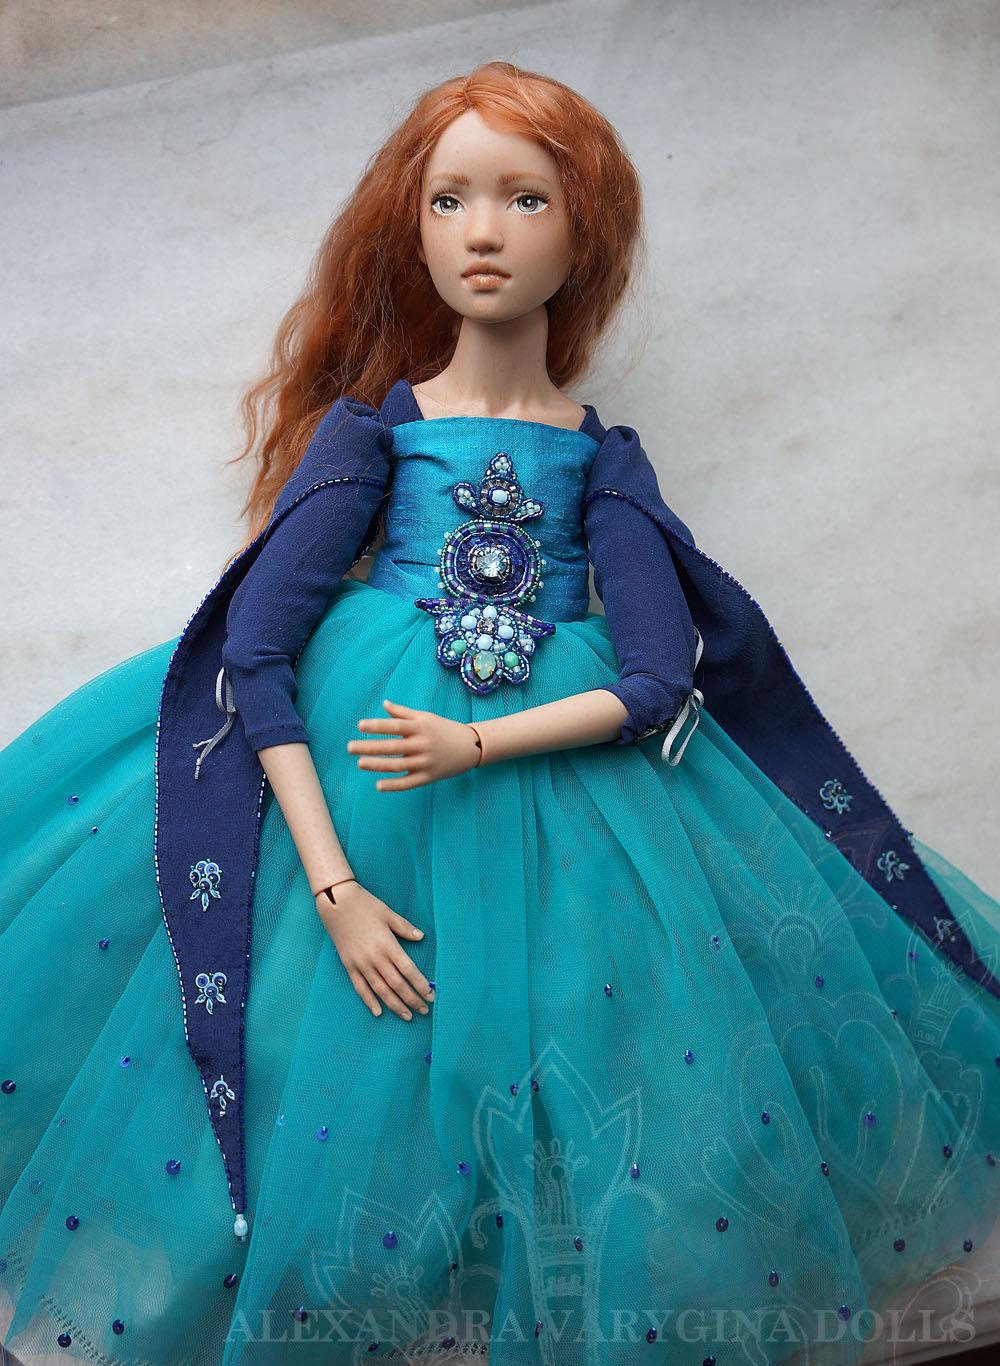 Коллекционные куклы ручной работы. Ярмарка Мастеров - ручная работа. Купить Шарнирно-текстильная кукла Селесте. Handmade. Бирюзовый, вышивка